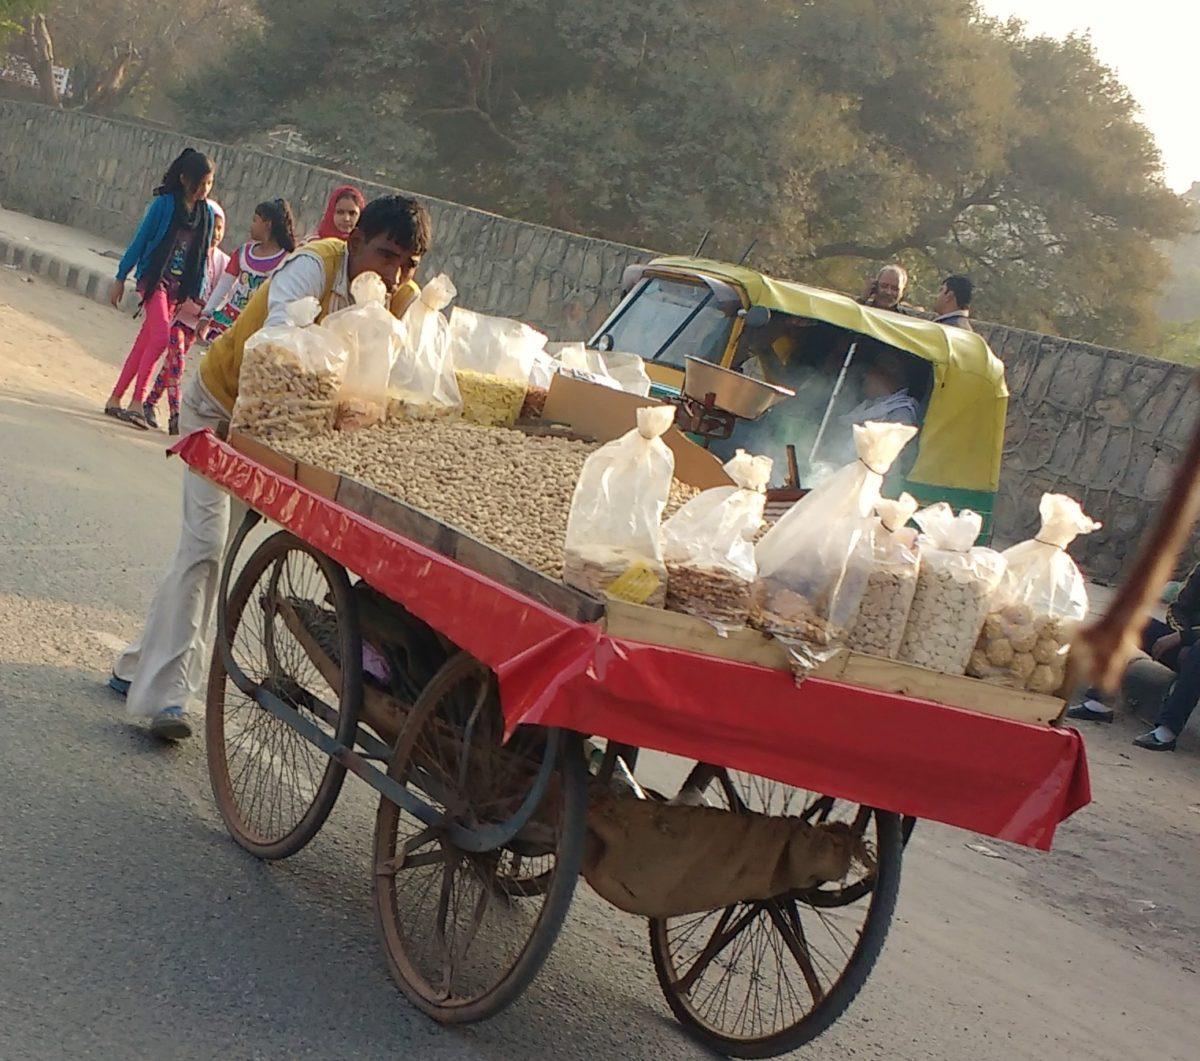 Delhi Winters and Moongphali Wala's (Peanut Vendor)